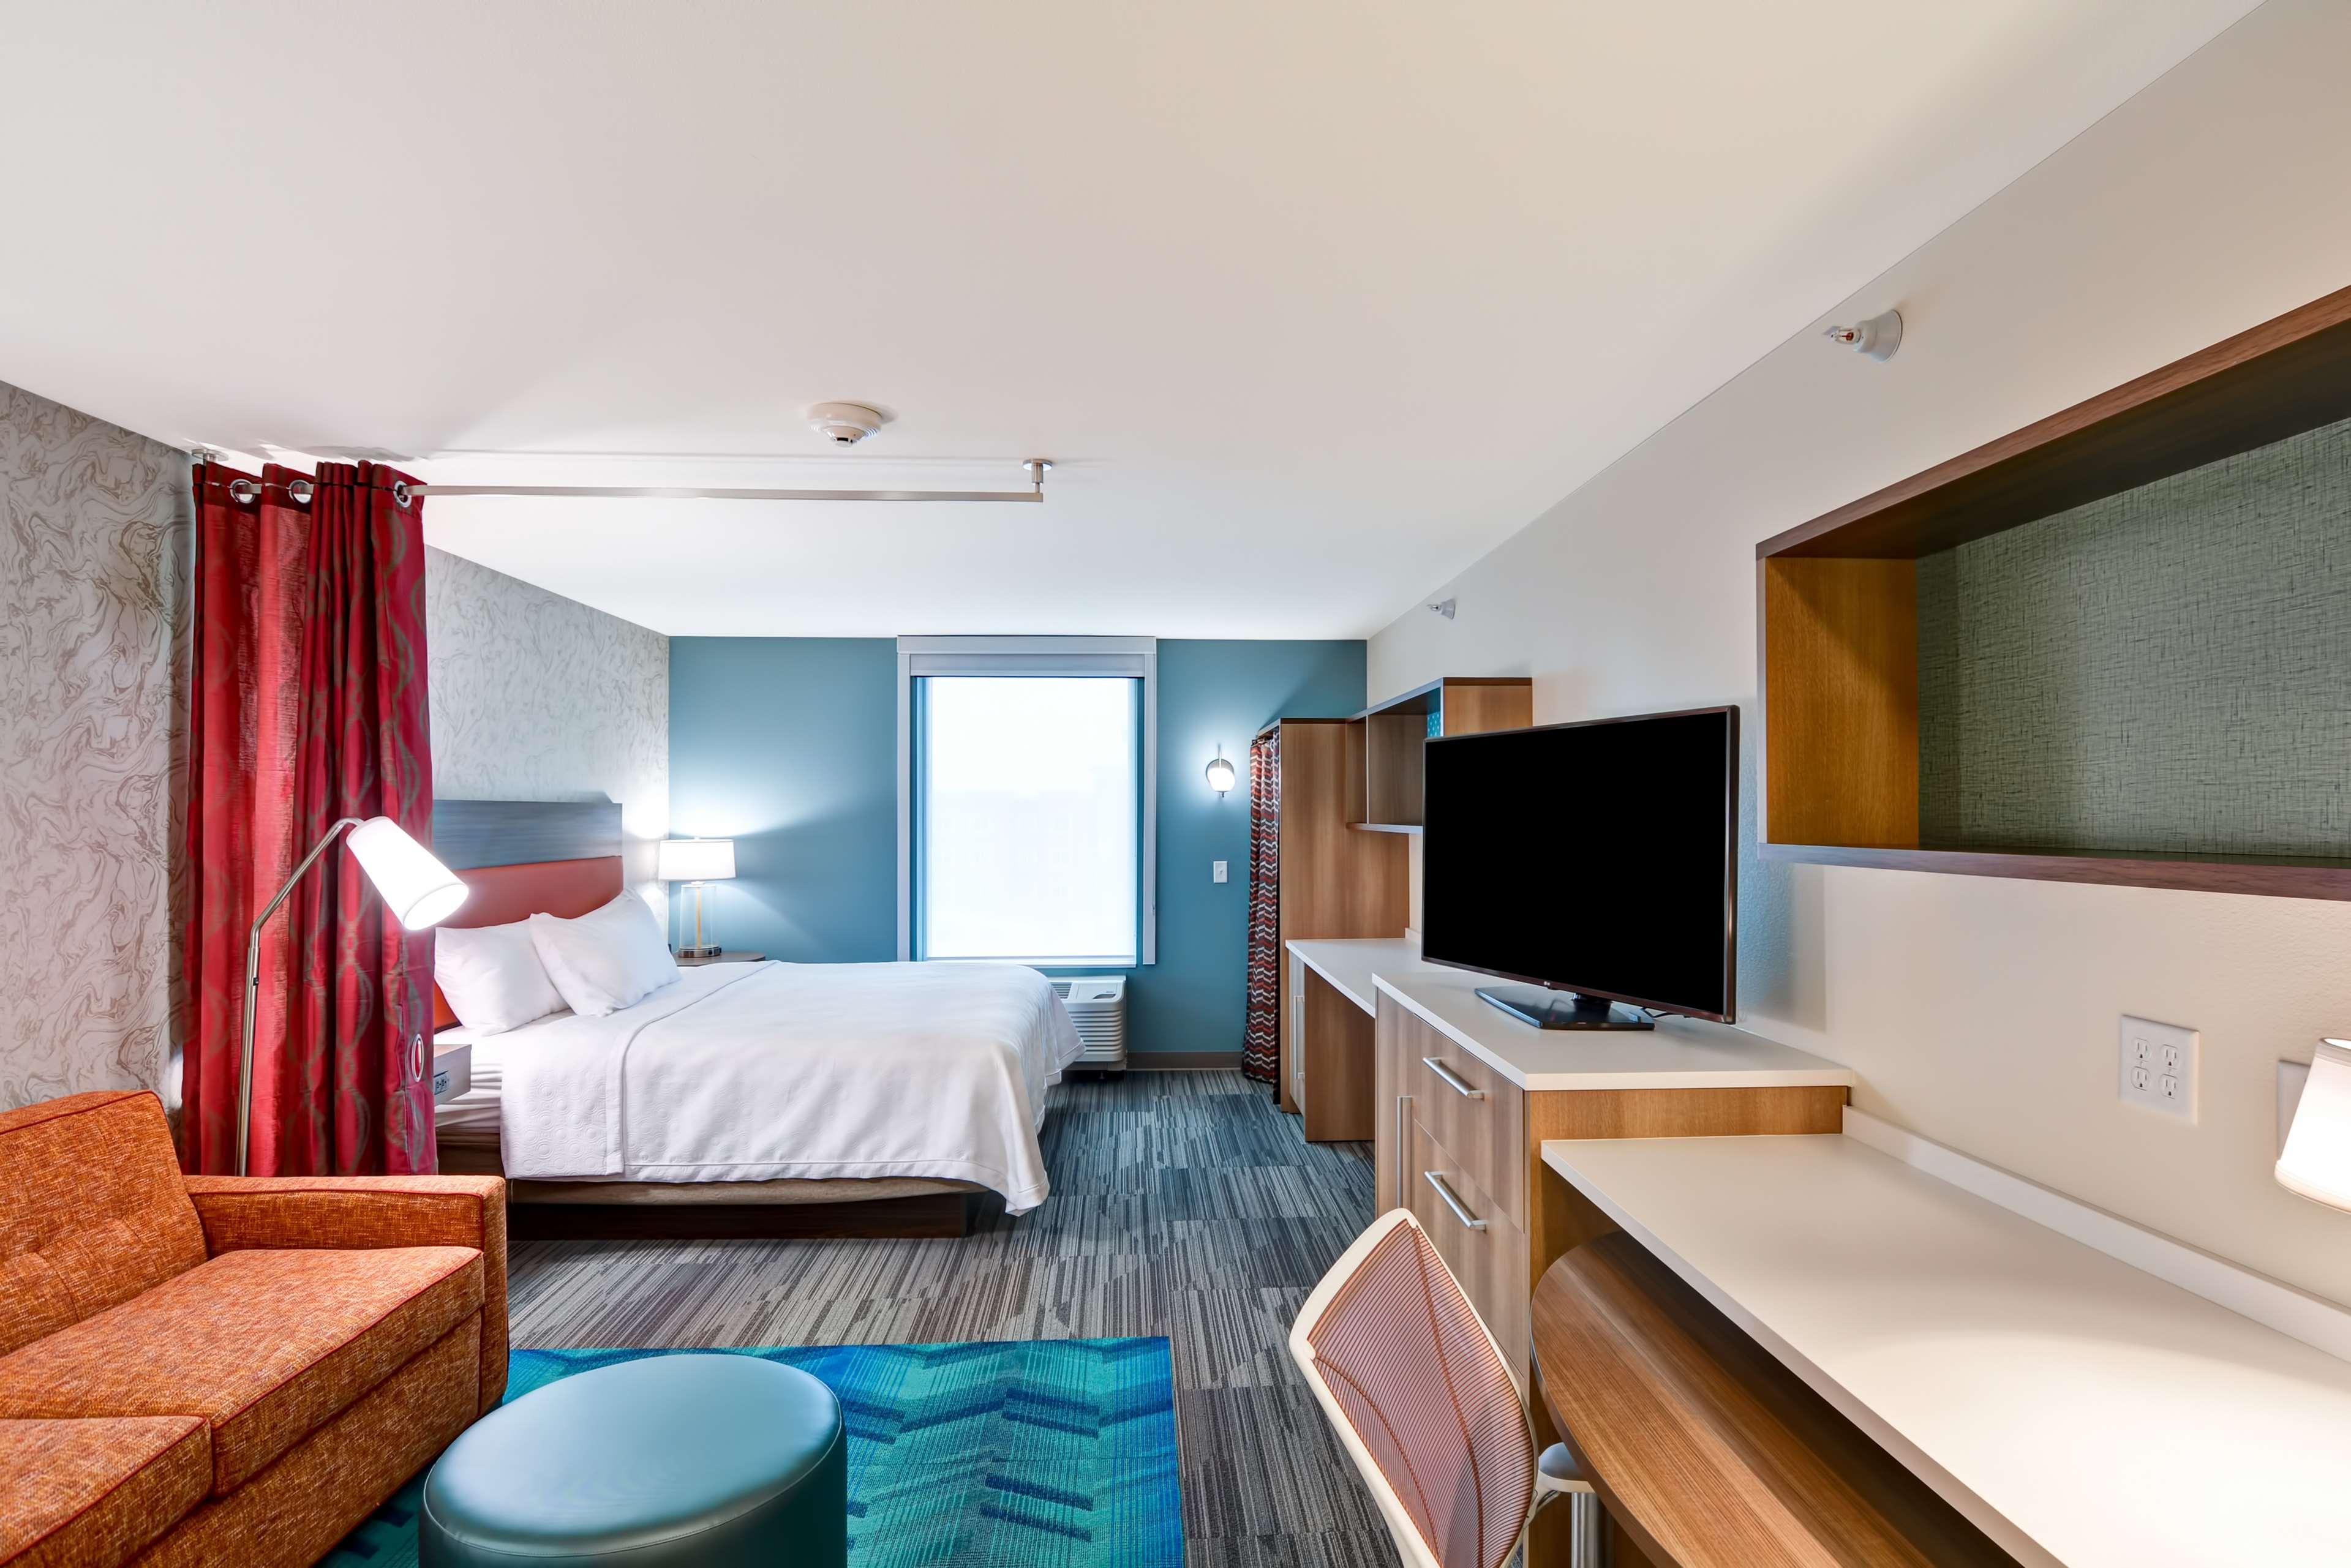 Home2 Suites by Hilton Lafayette image 28